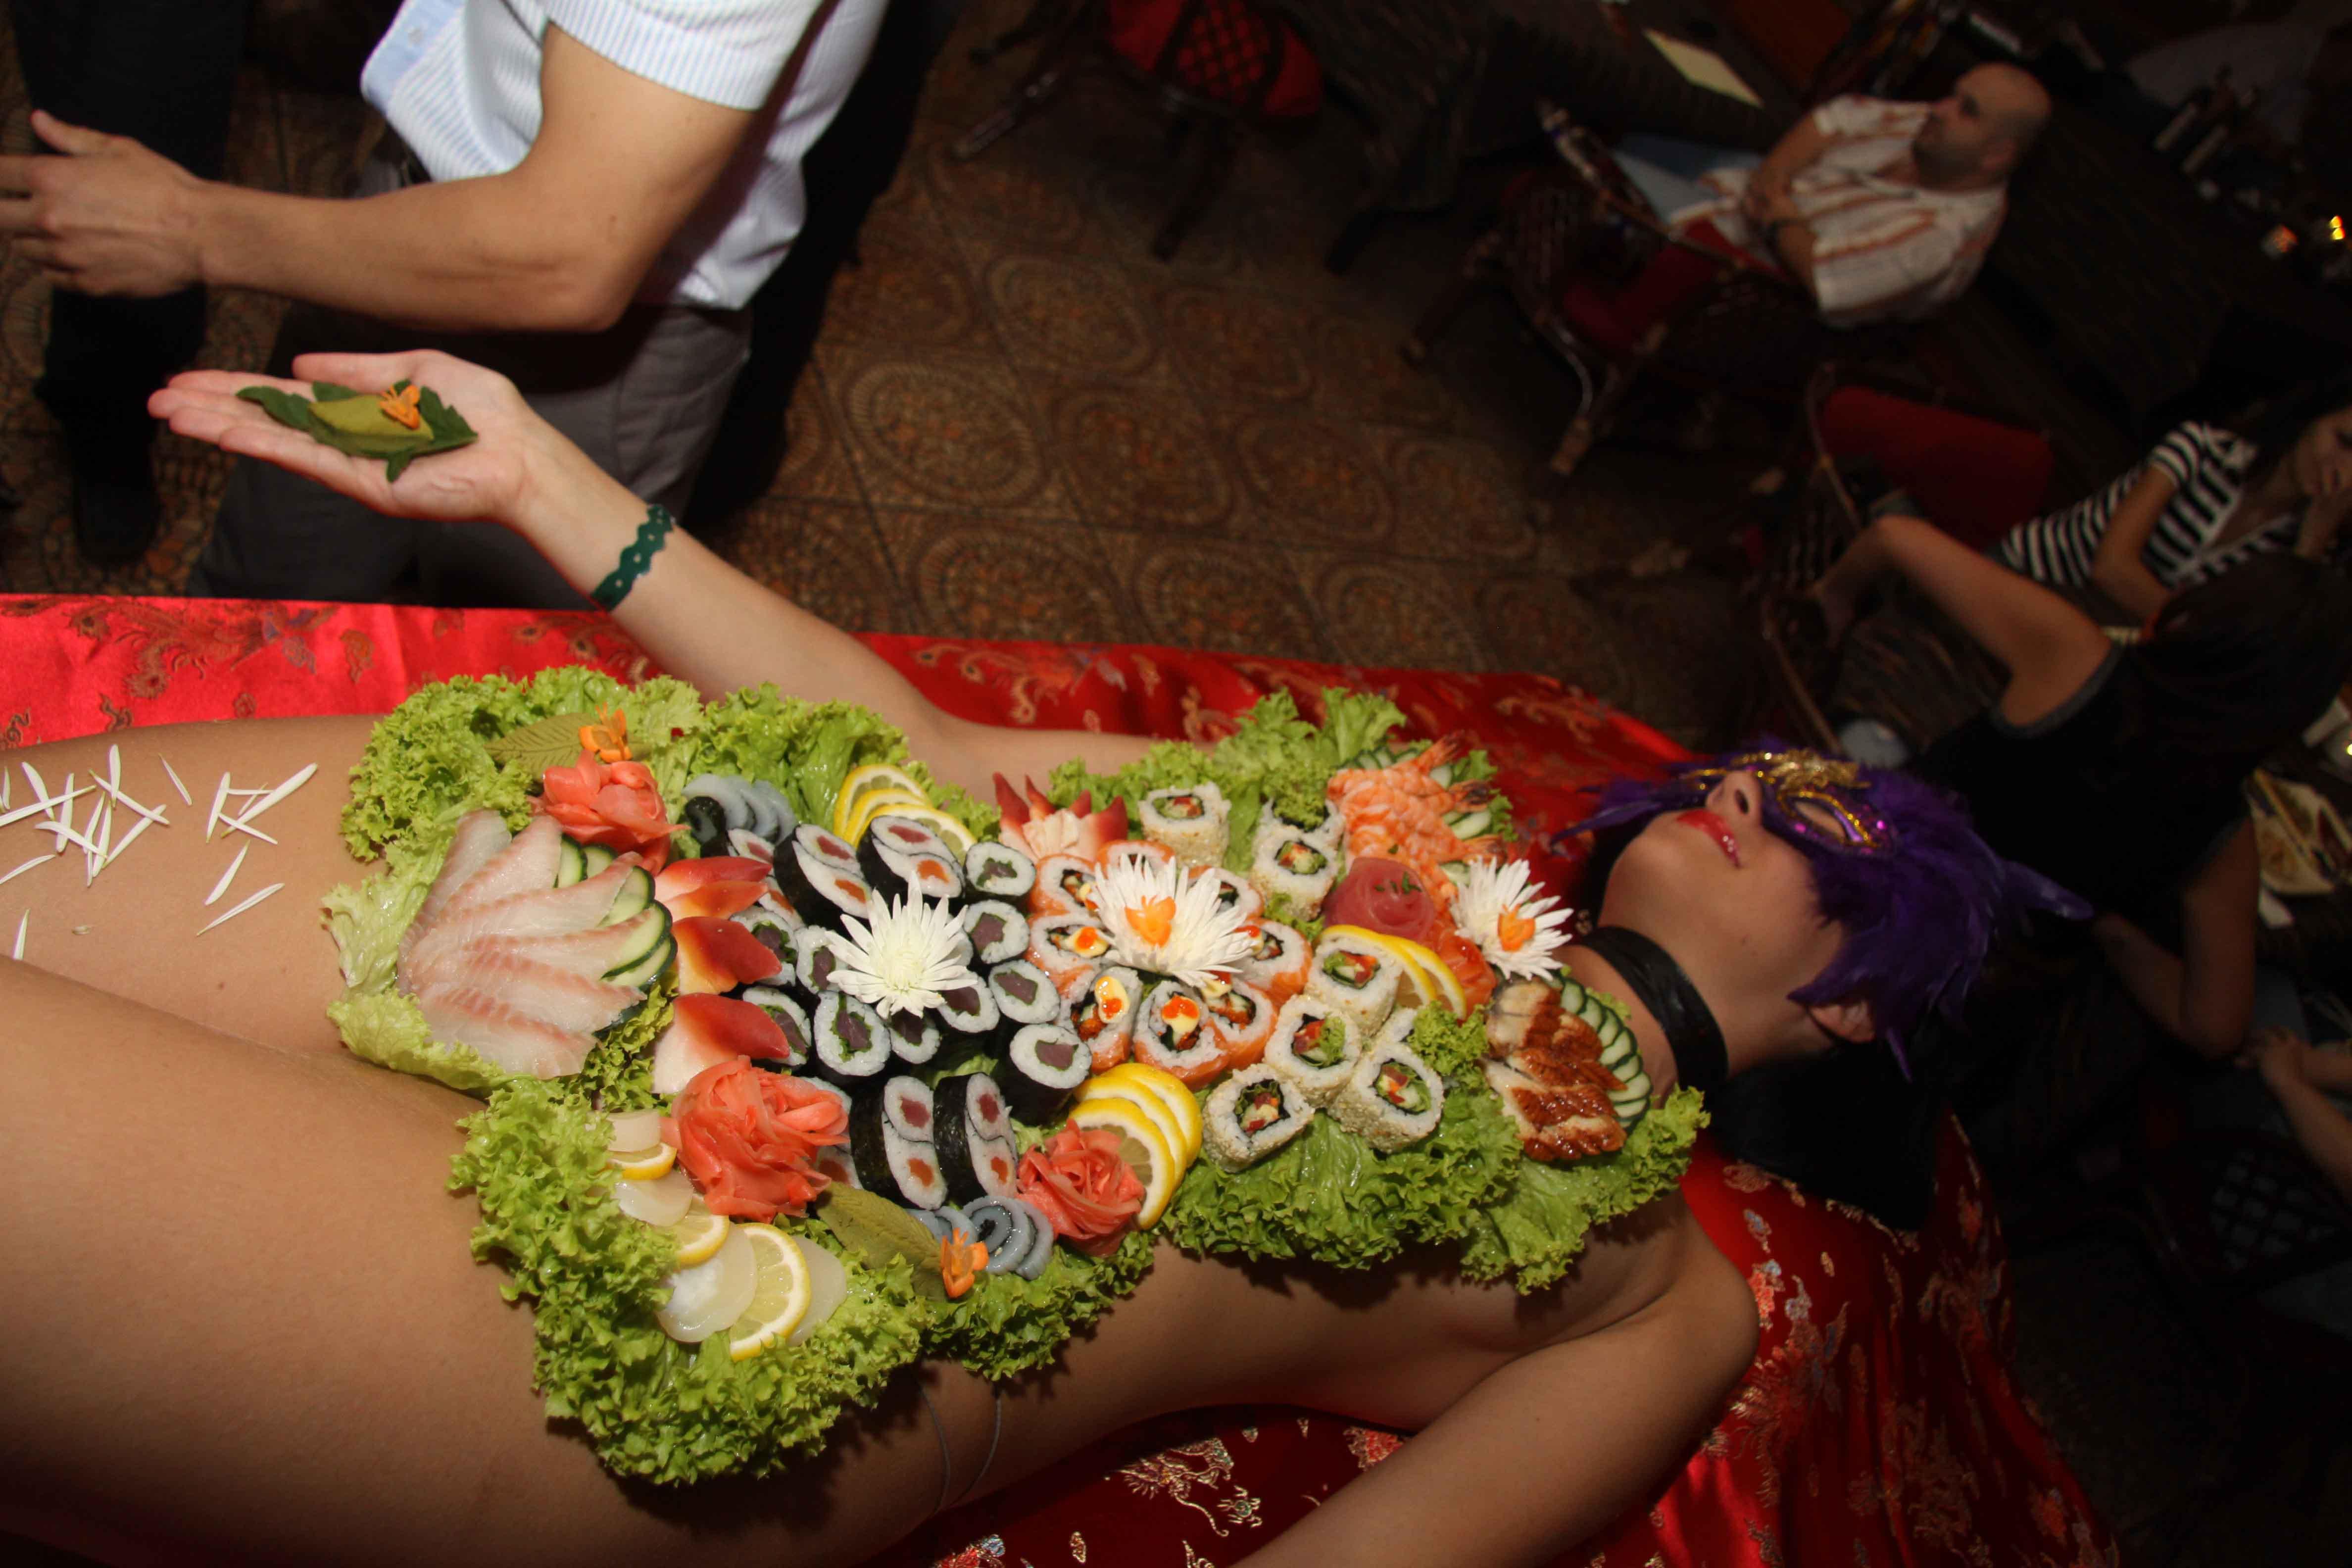 Японки отдыхают в баре фото 24 фотография